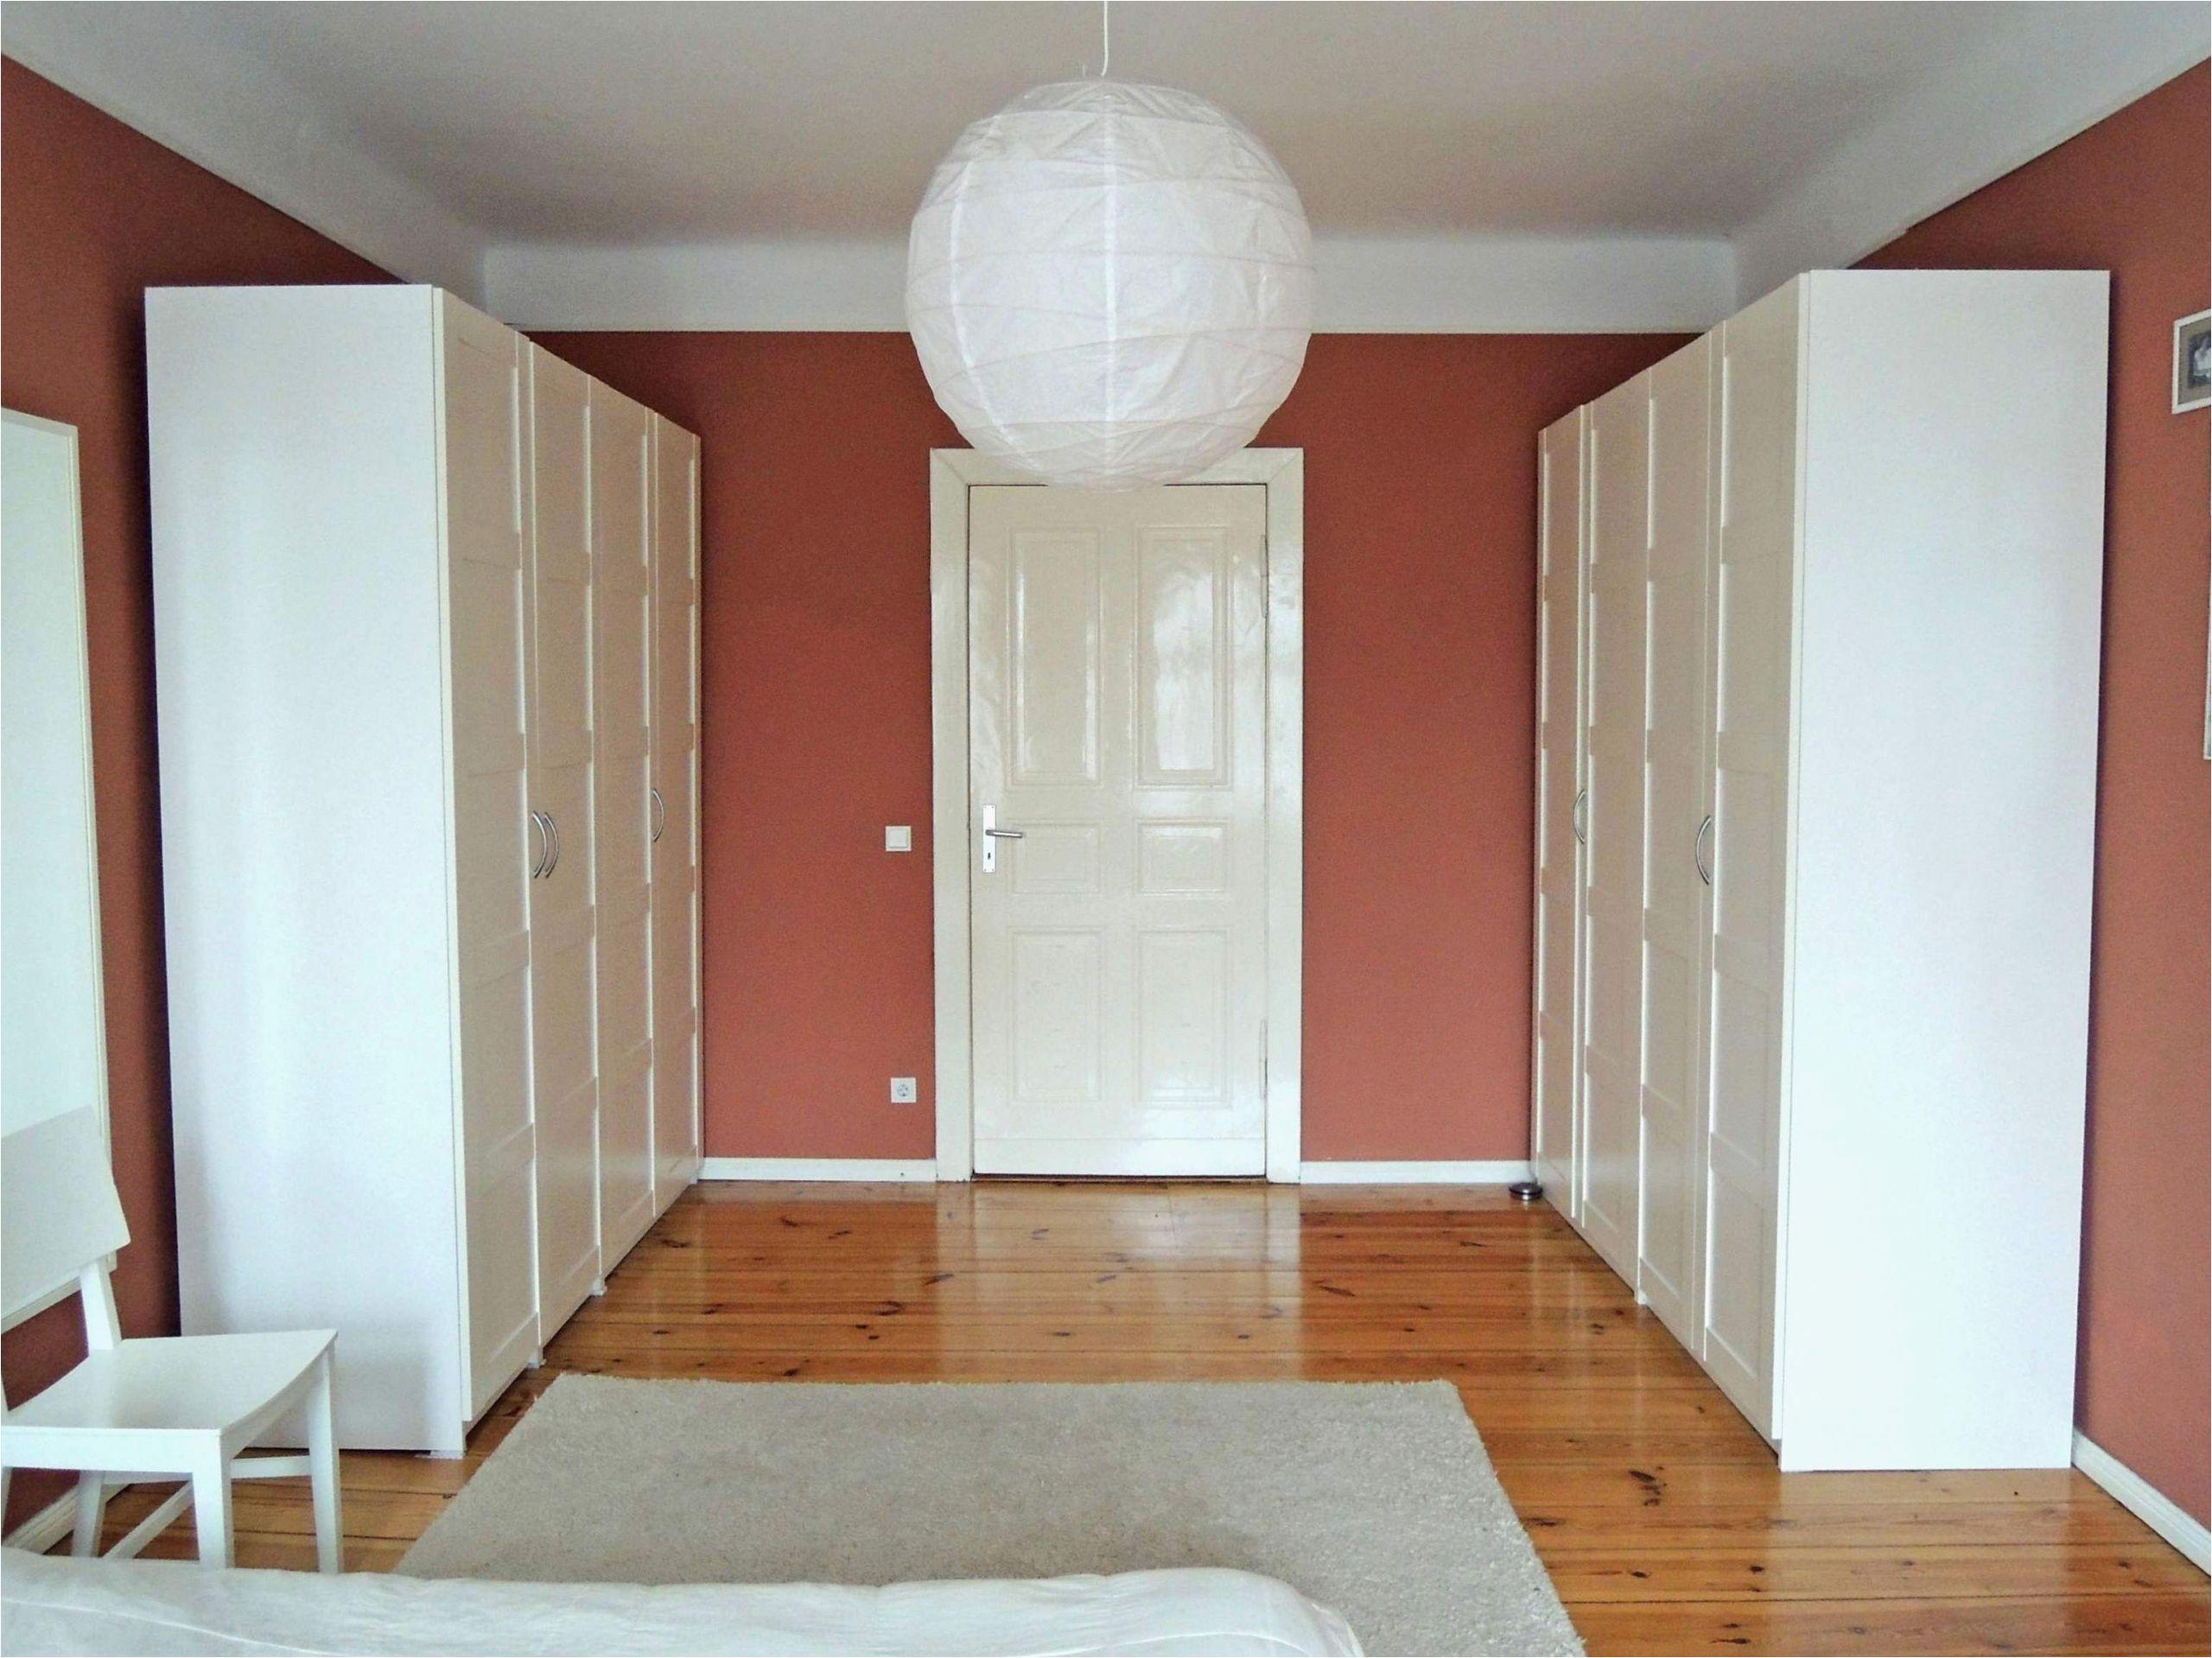 schlafzimmer wohnzimmer gleichzeitig luxus wohnzimmer trends design tipps von experten of schlafzimmer wohnzimmer gleichzeitig scaled